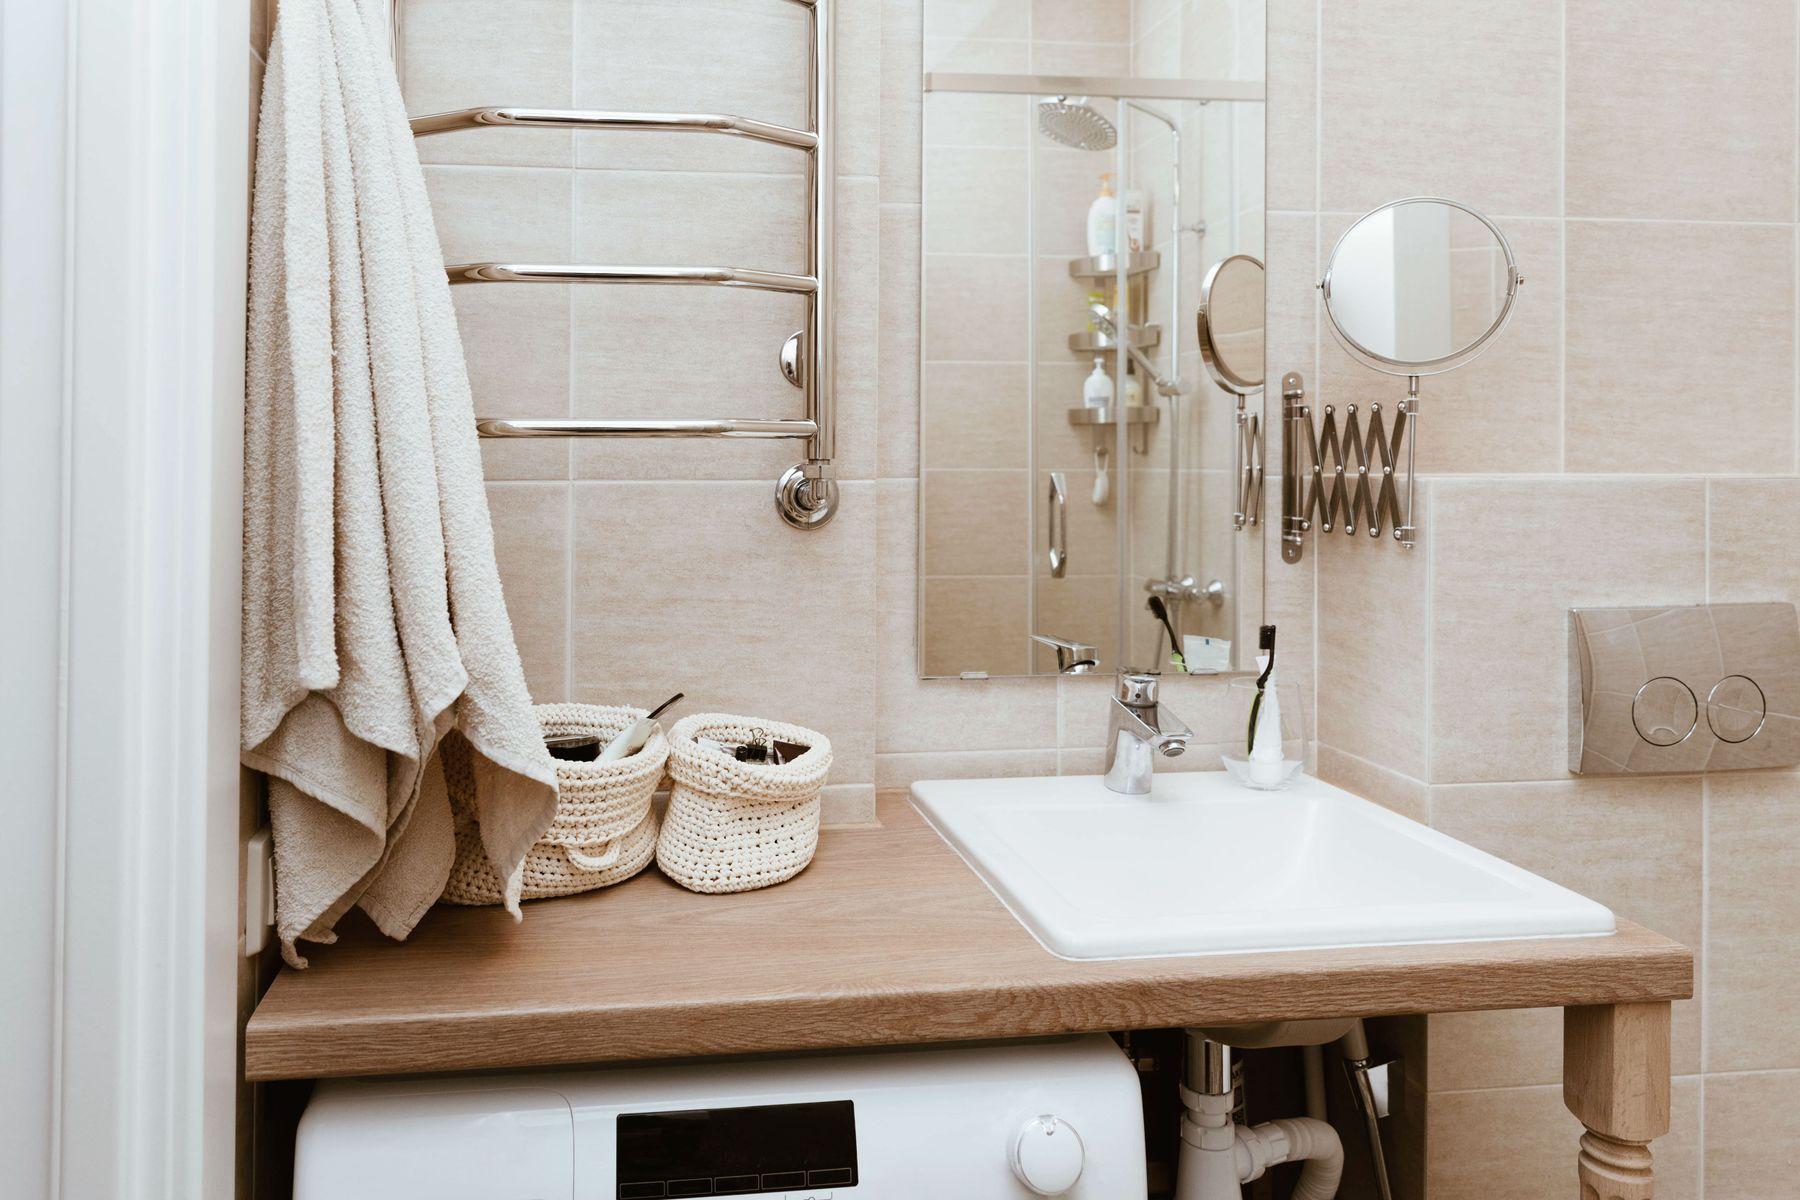 क्या आपके बाथरूम का काउंटर टॉप पीला पड़ रहा है? इन धब्बों को दूर करने के लिए कुछ स्टेप्स यहां दिए गए हैं|